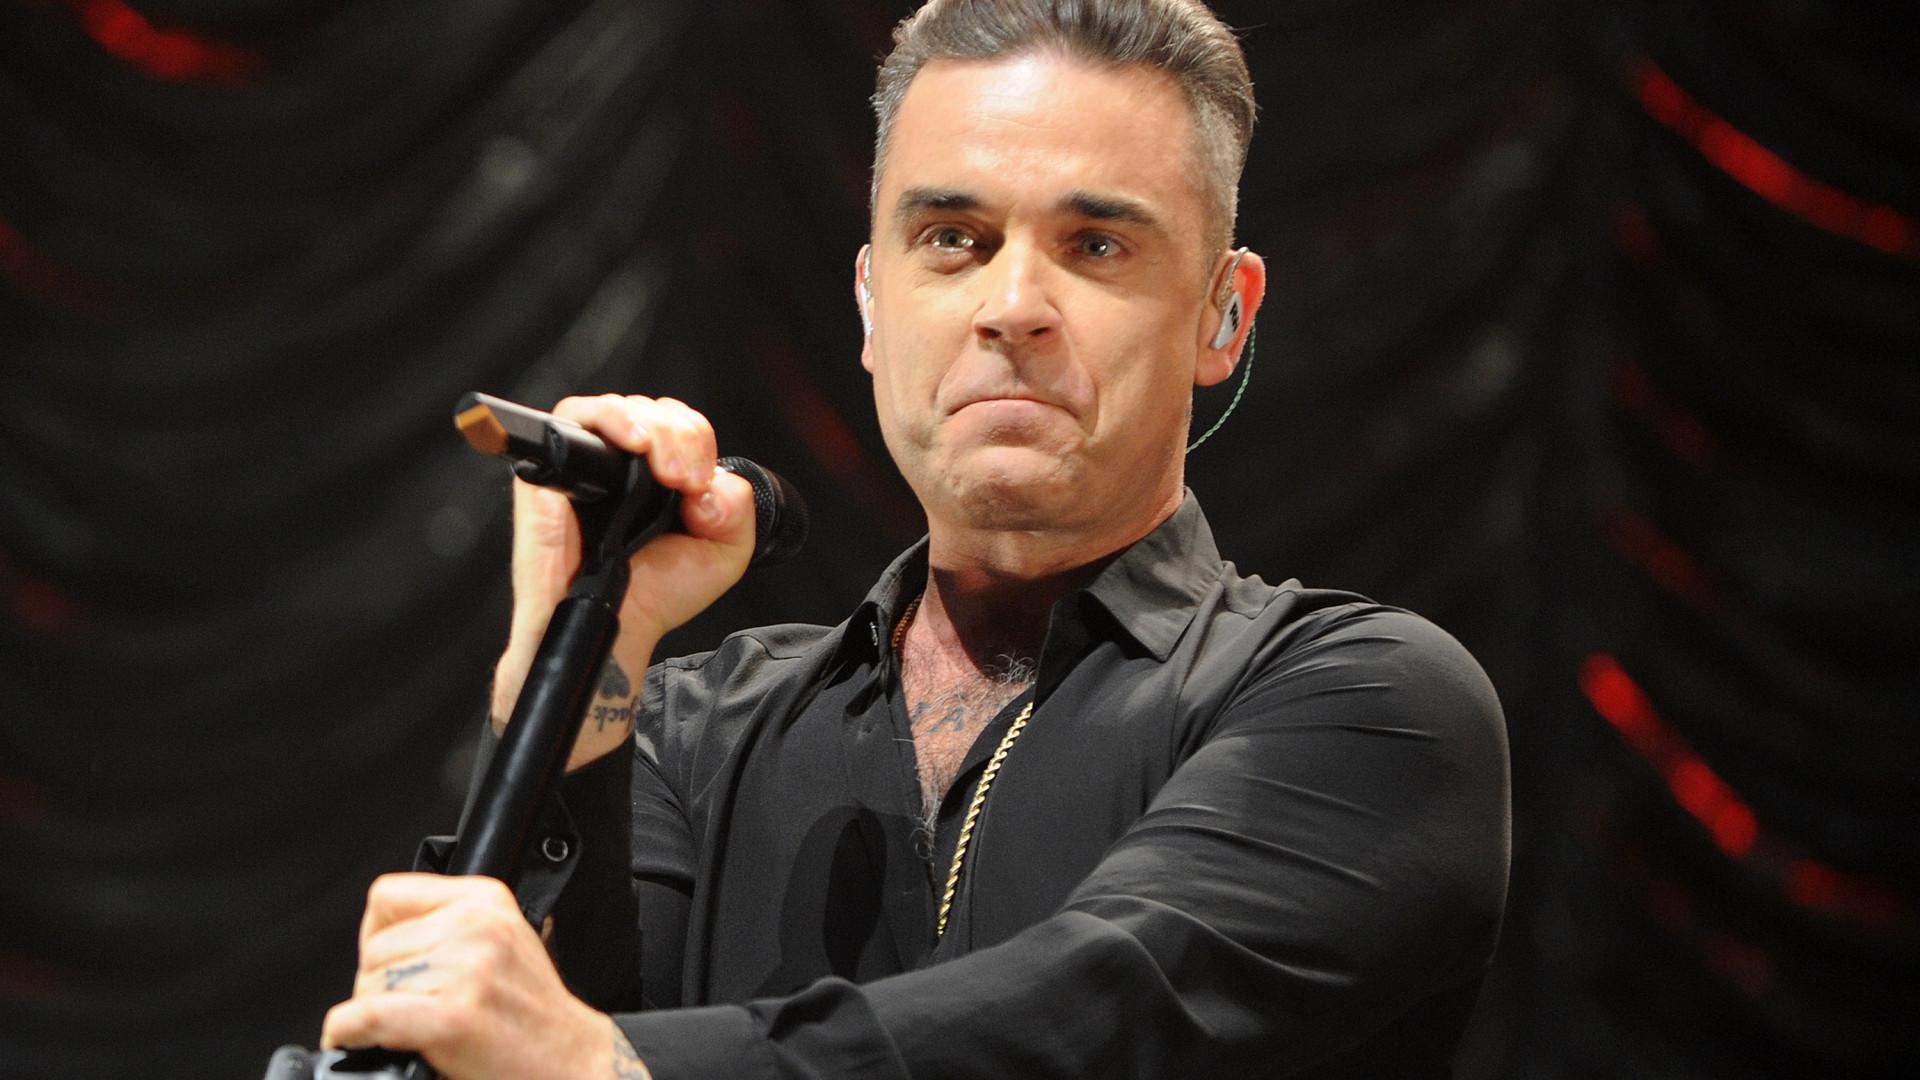 De férias, Robbie Williams descobre que está com Covid-19